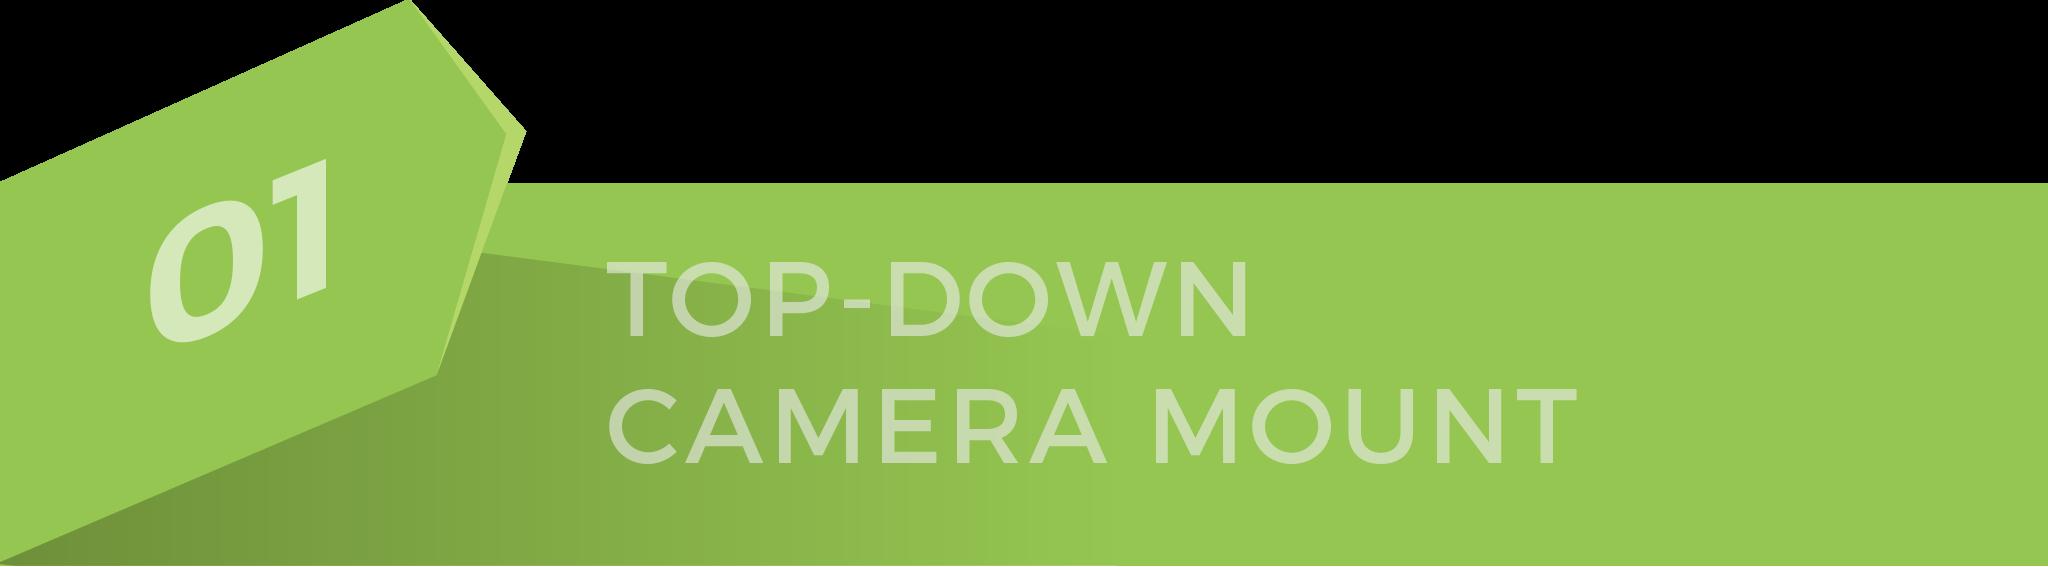 01-topdowncamera